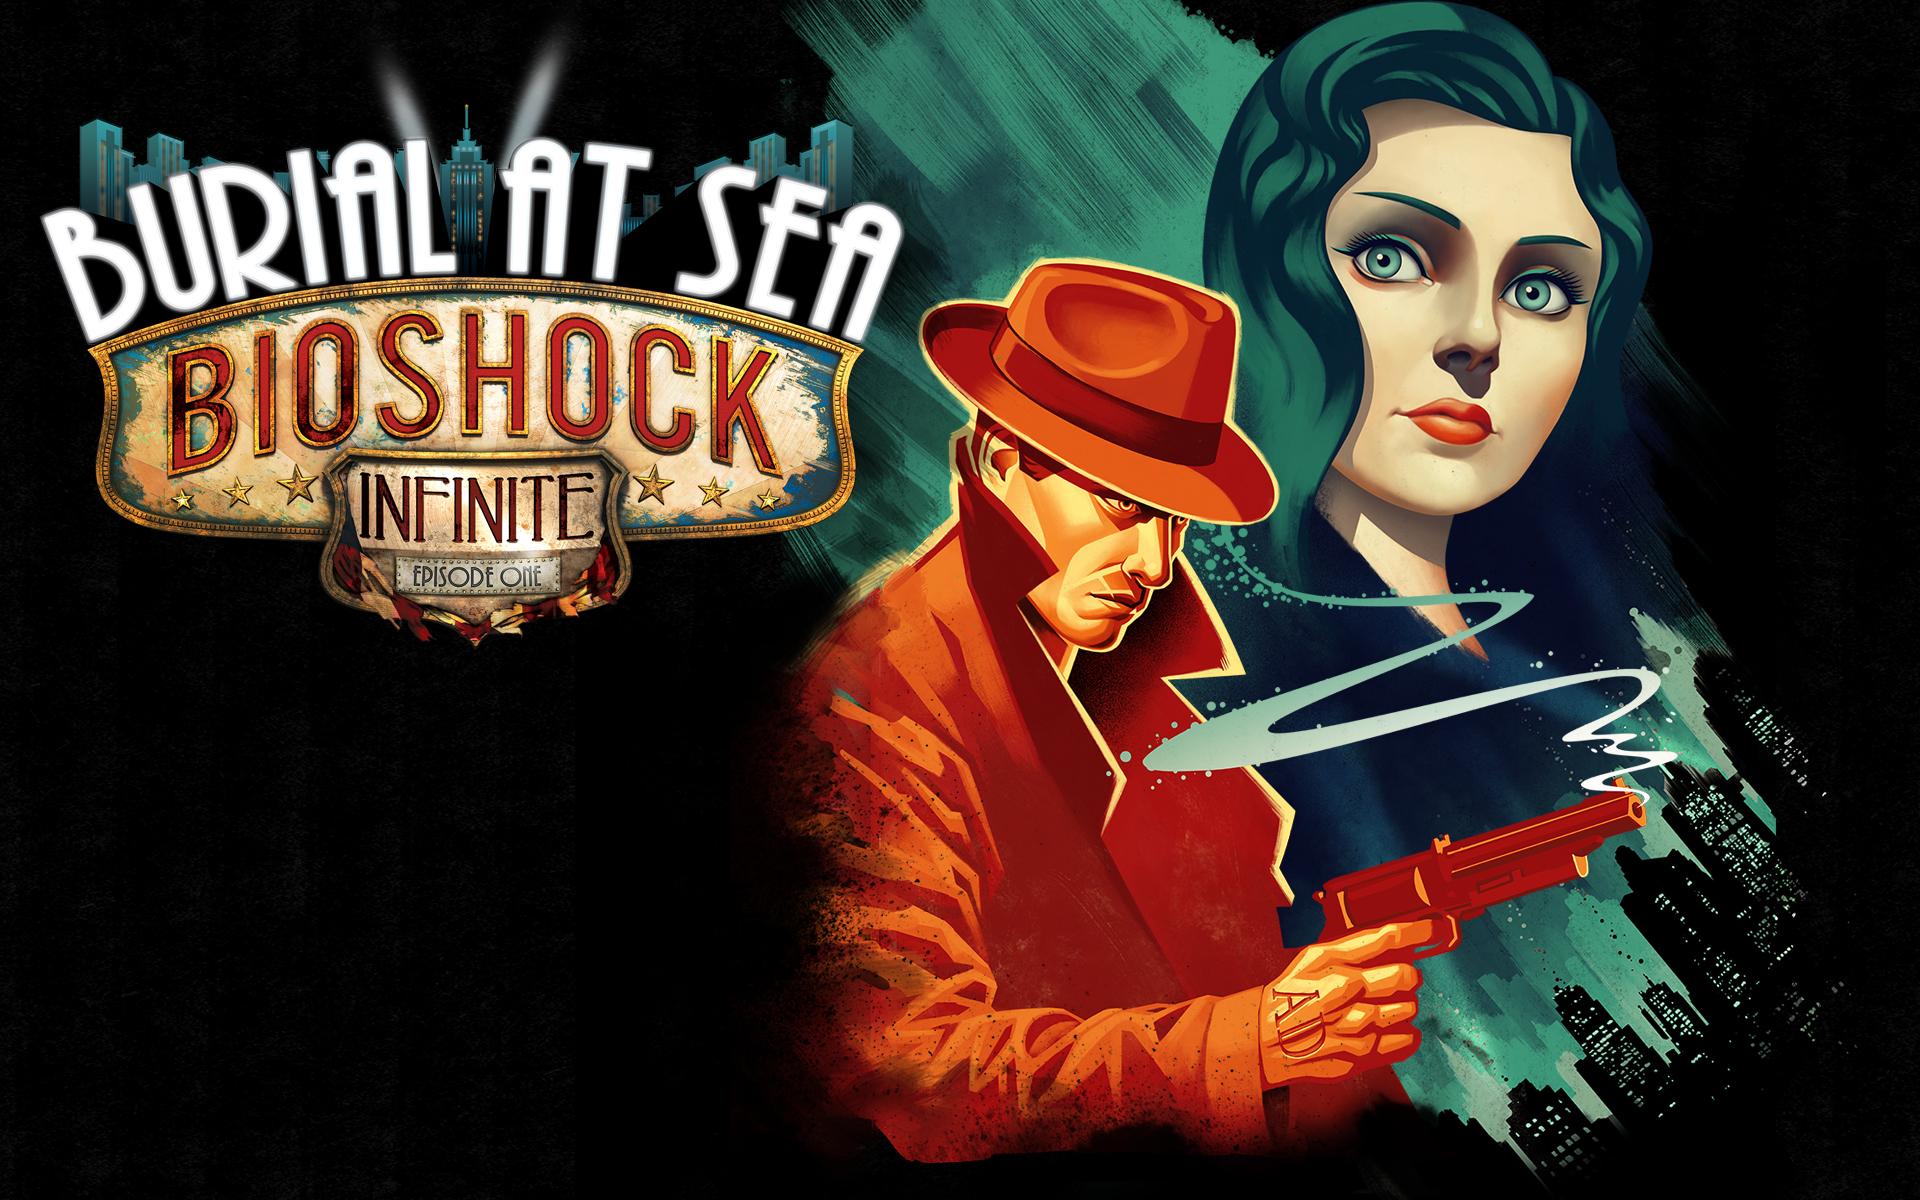 Bioshock Infinite Burial At Sea DLC HD Wallpaper